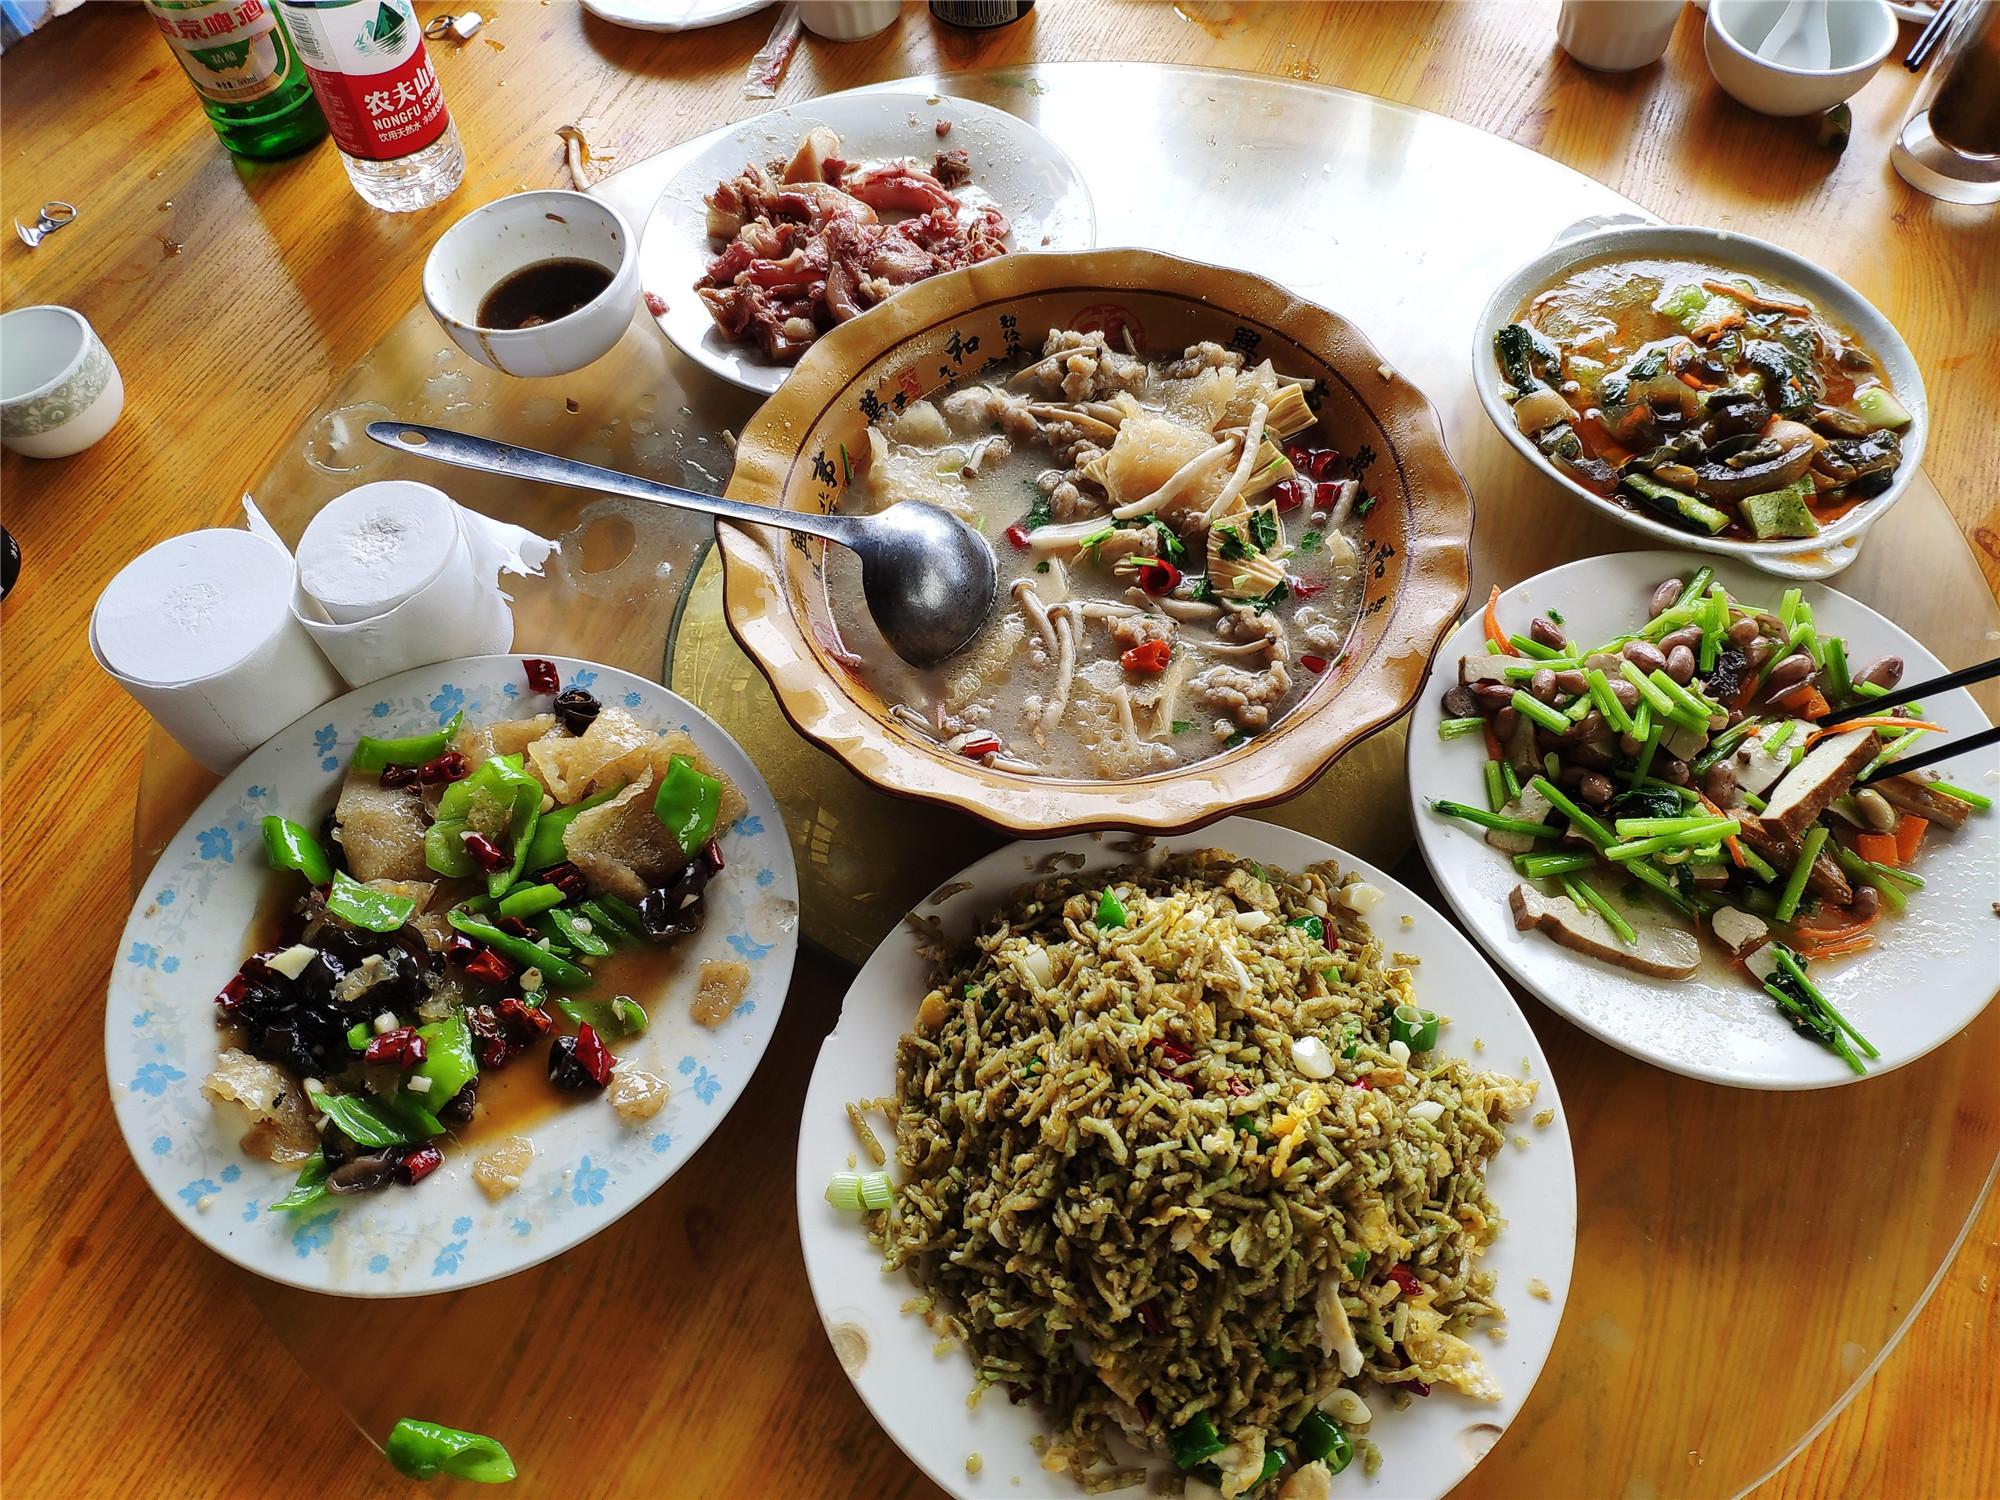 晒晒旅途中吃的路边小店,6道菜130元,量大味美,一车人全吃嗨了